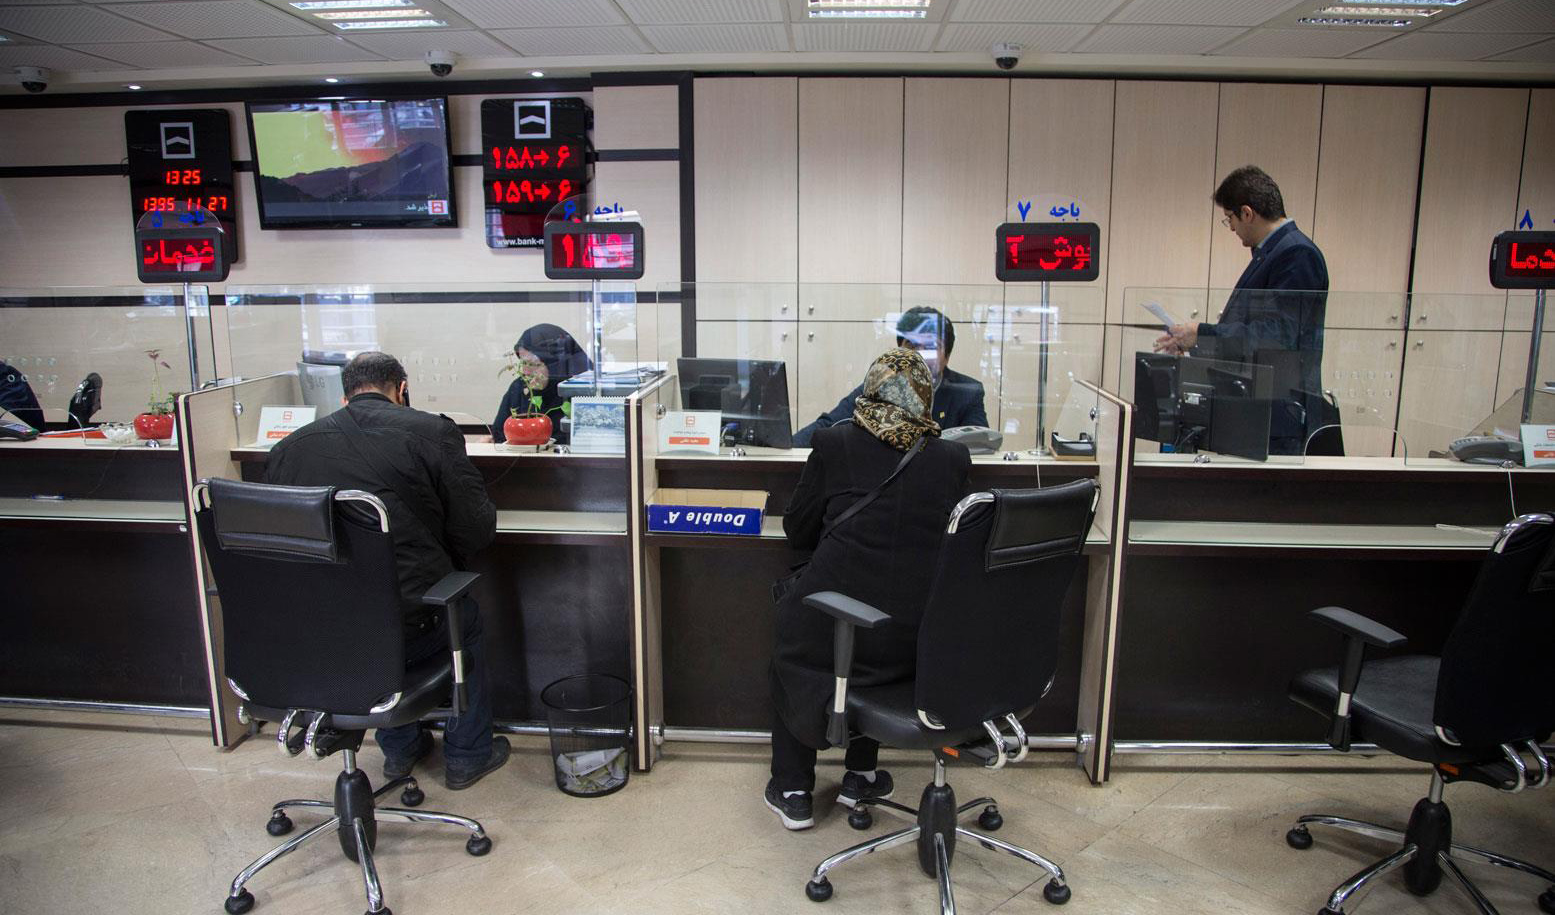 محدودیت اعطای مهلت به بدهکاران بانکی با هدف حذف ربح مرکب